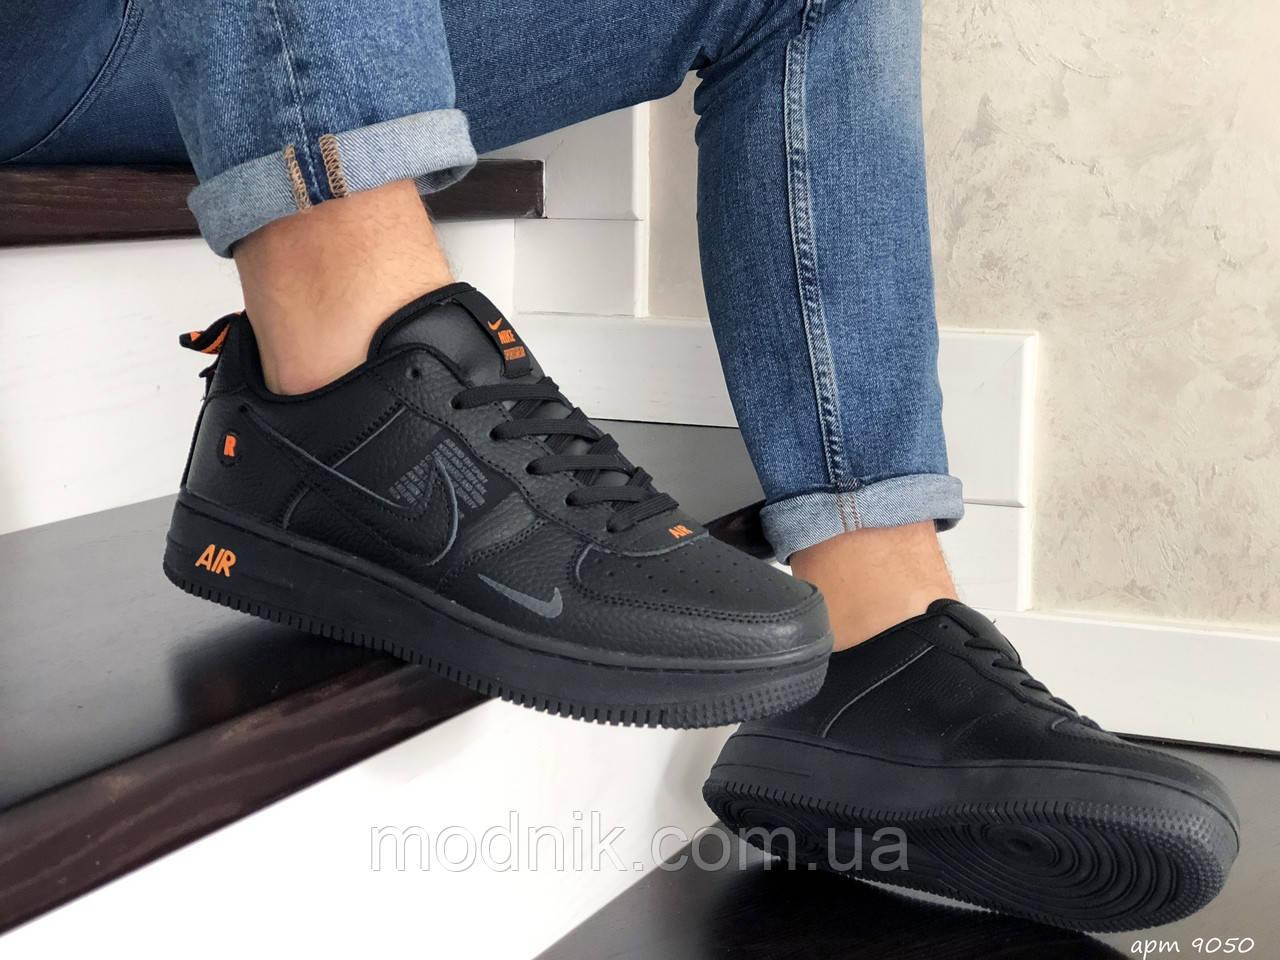 Мужские кроссовки Nike Air Force (черные) 9050